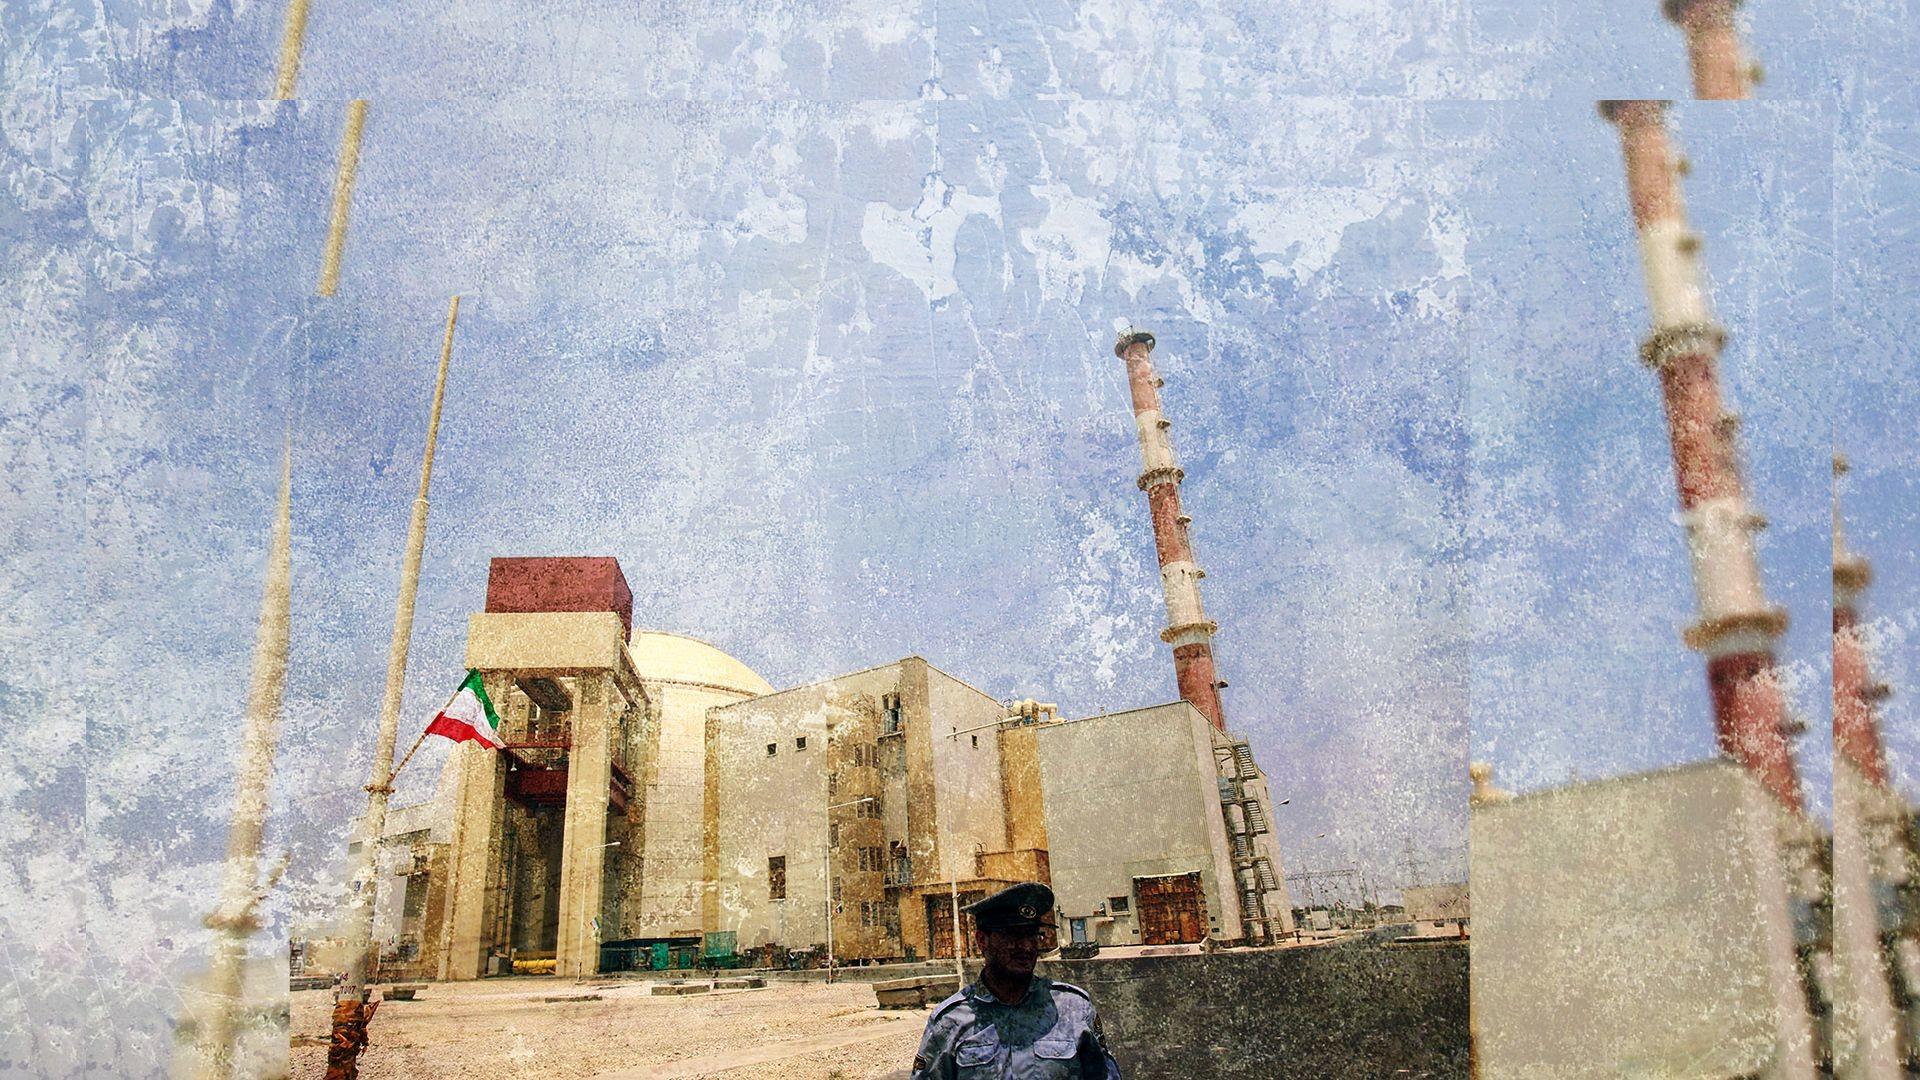 لماذا ما زال الوقت مبكرا على دفن الصفقة النووية مع إيران؟